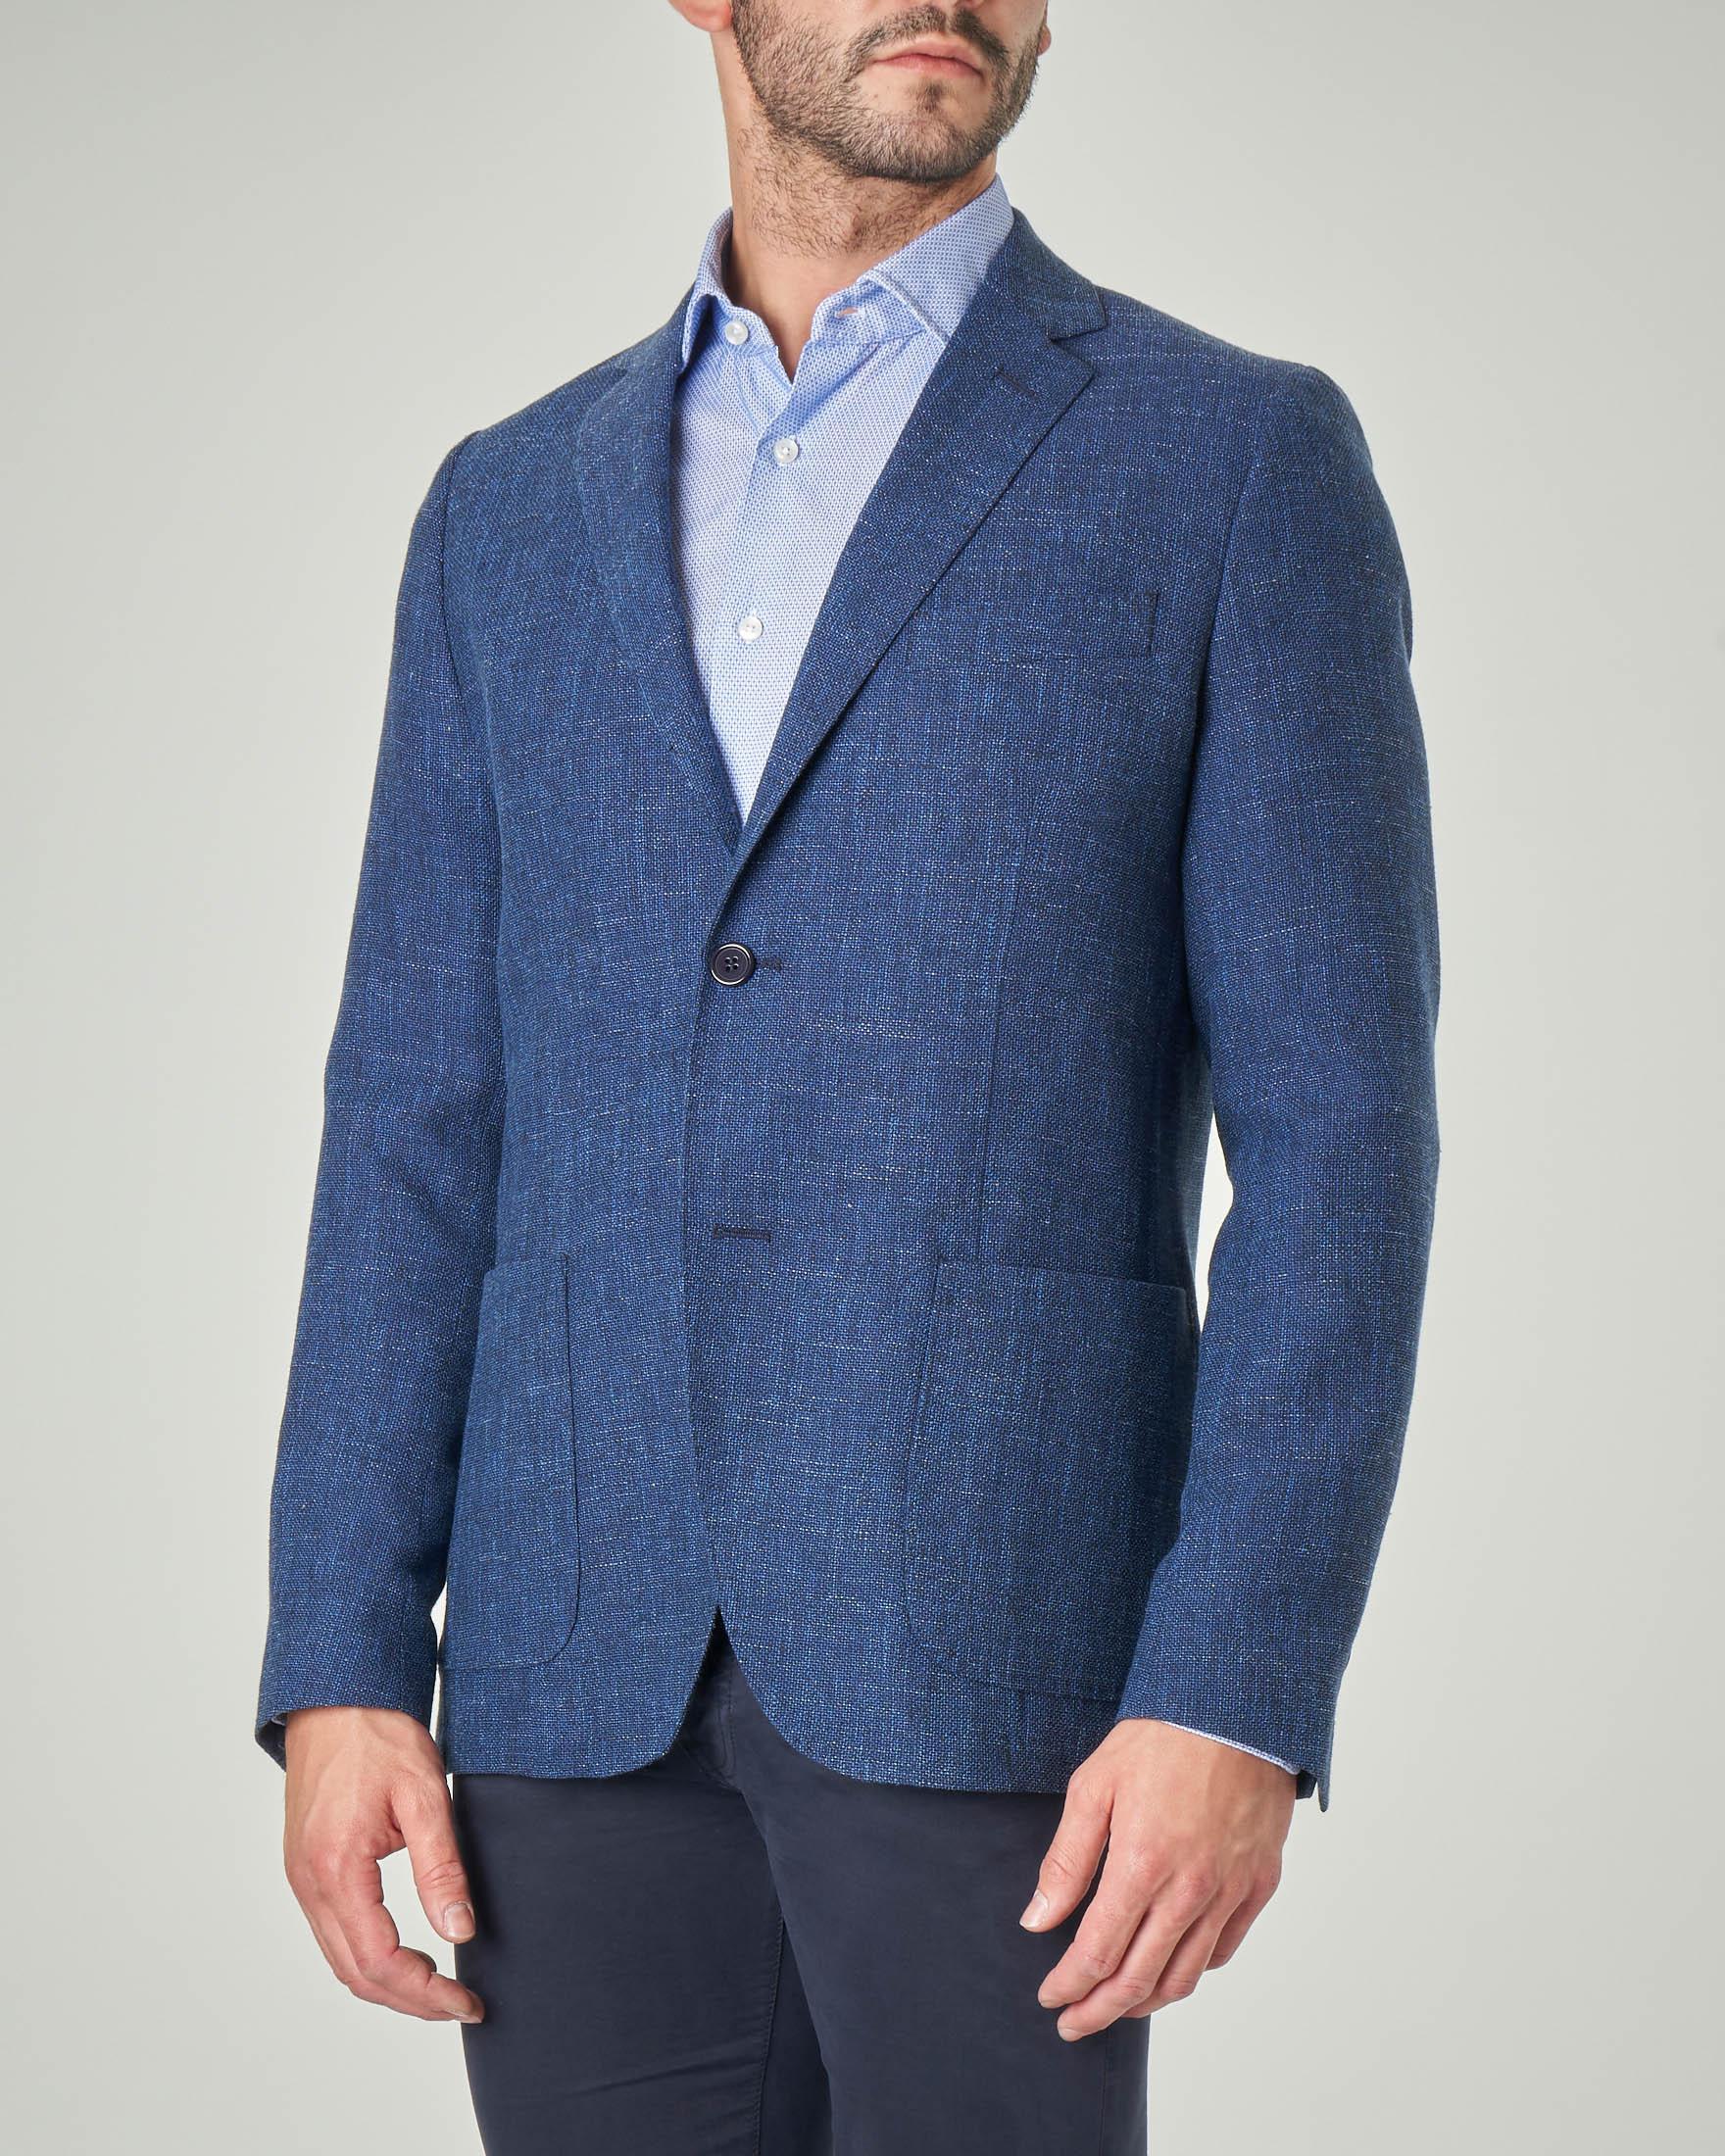 Blazer blu indaco in tela di lana cotone e lino